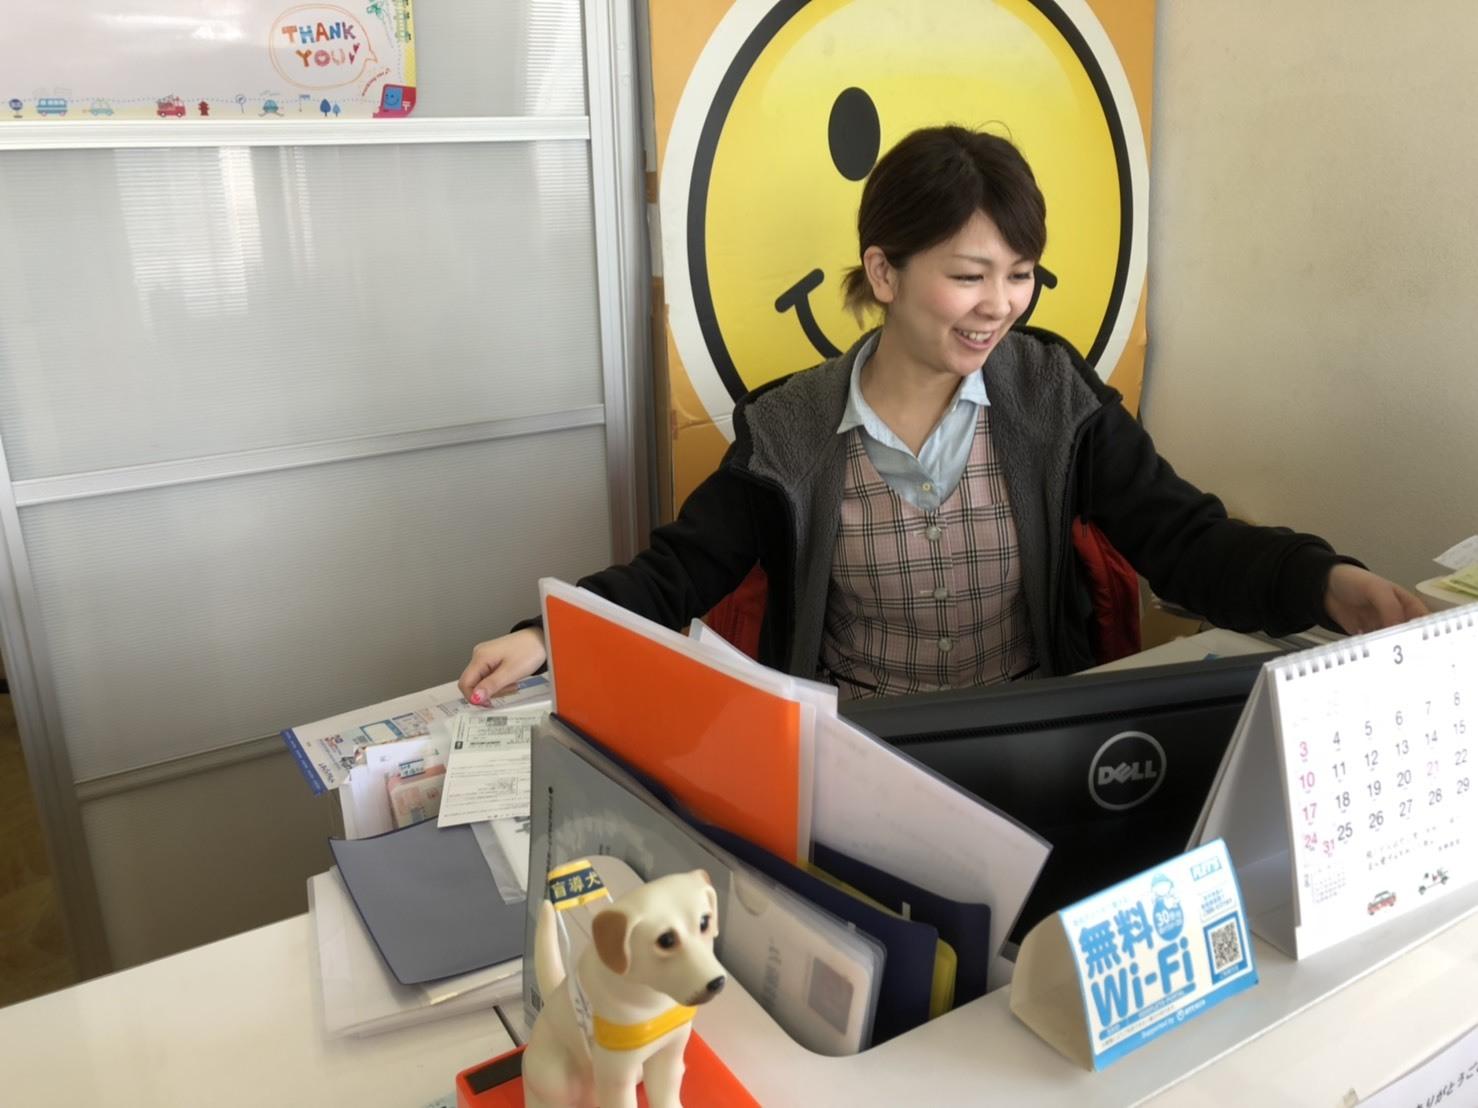 3月29日(金)本店ブログ☆カマロあります(゜゜)*レクサス ハマー ランクル 多数取り扱い☆ローンサポート_b0127002_17173863.jpg